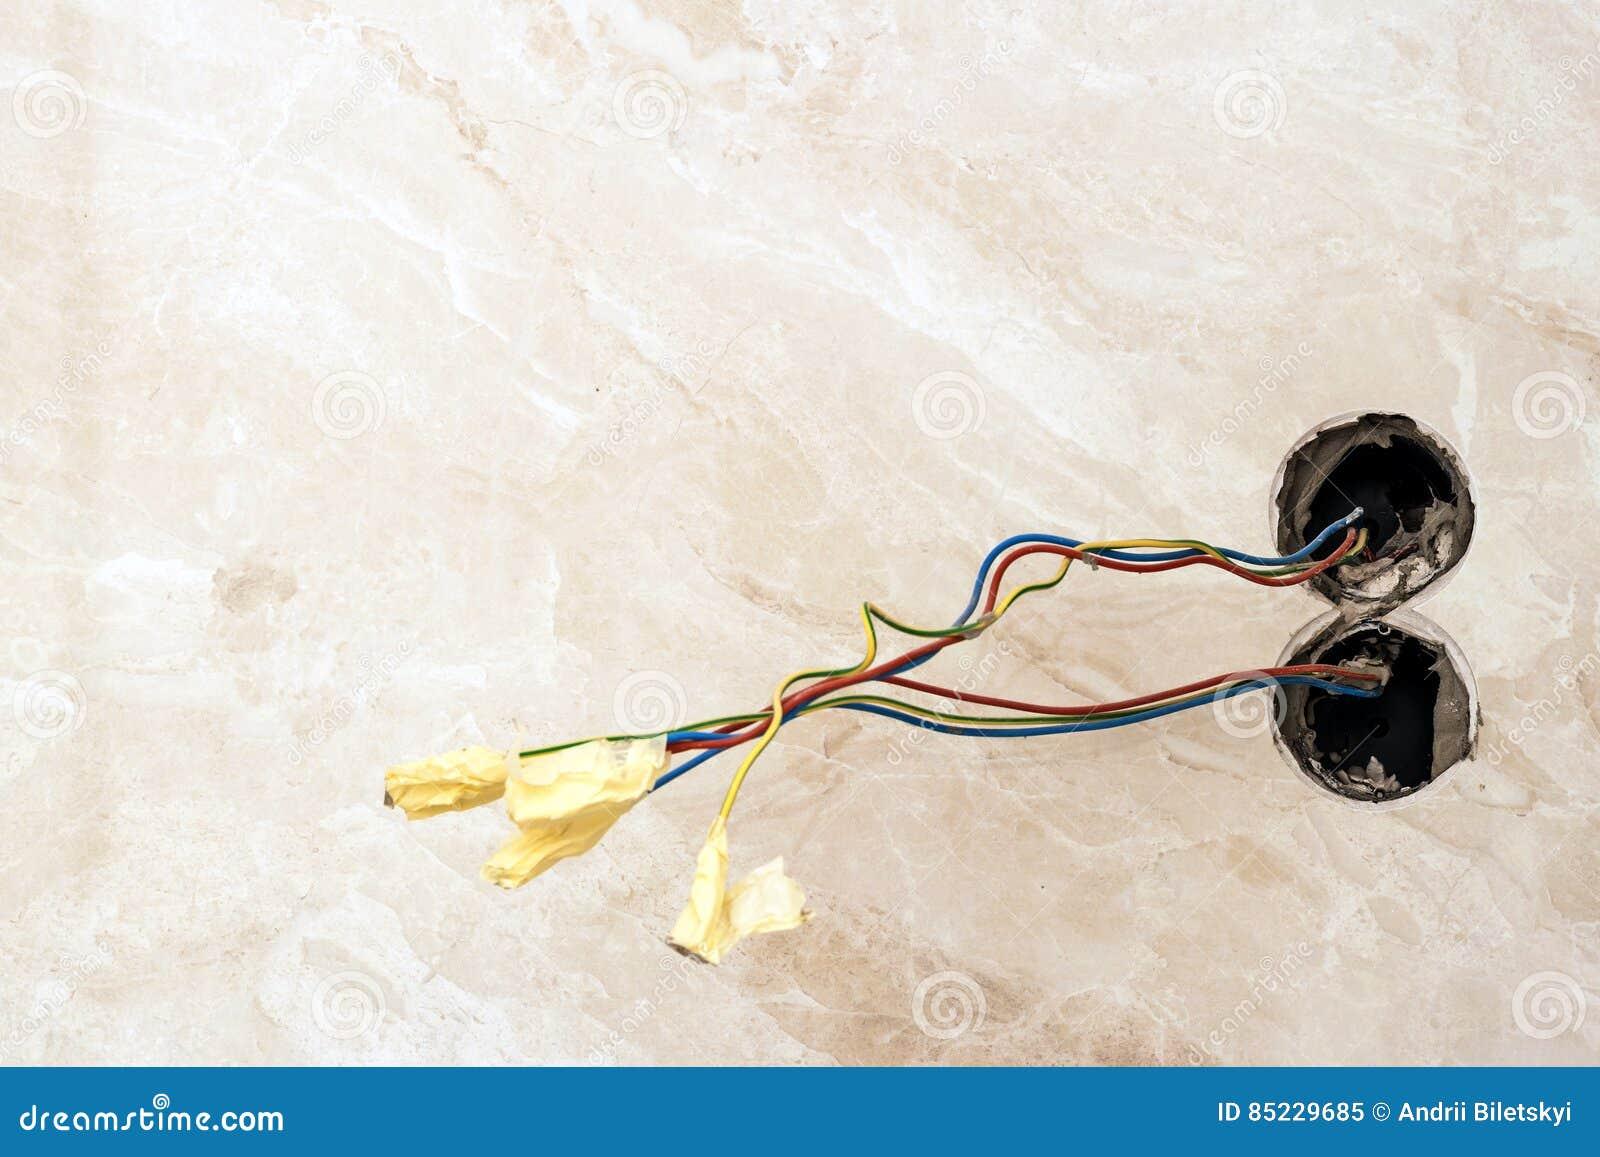 Die Fertigung Arbeitet An Erneuerter Wohnung Elektrische Verdrahtung ...